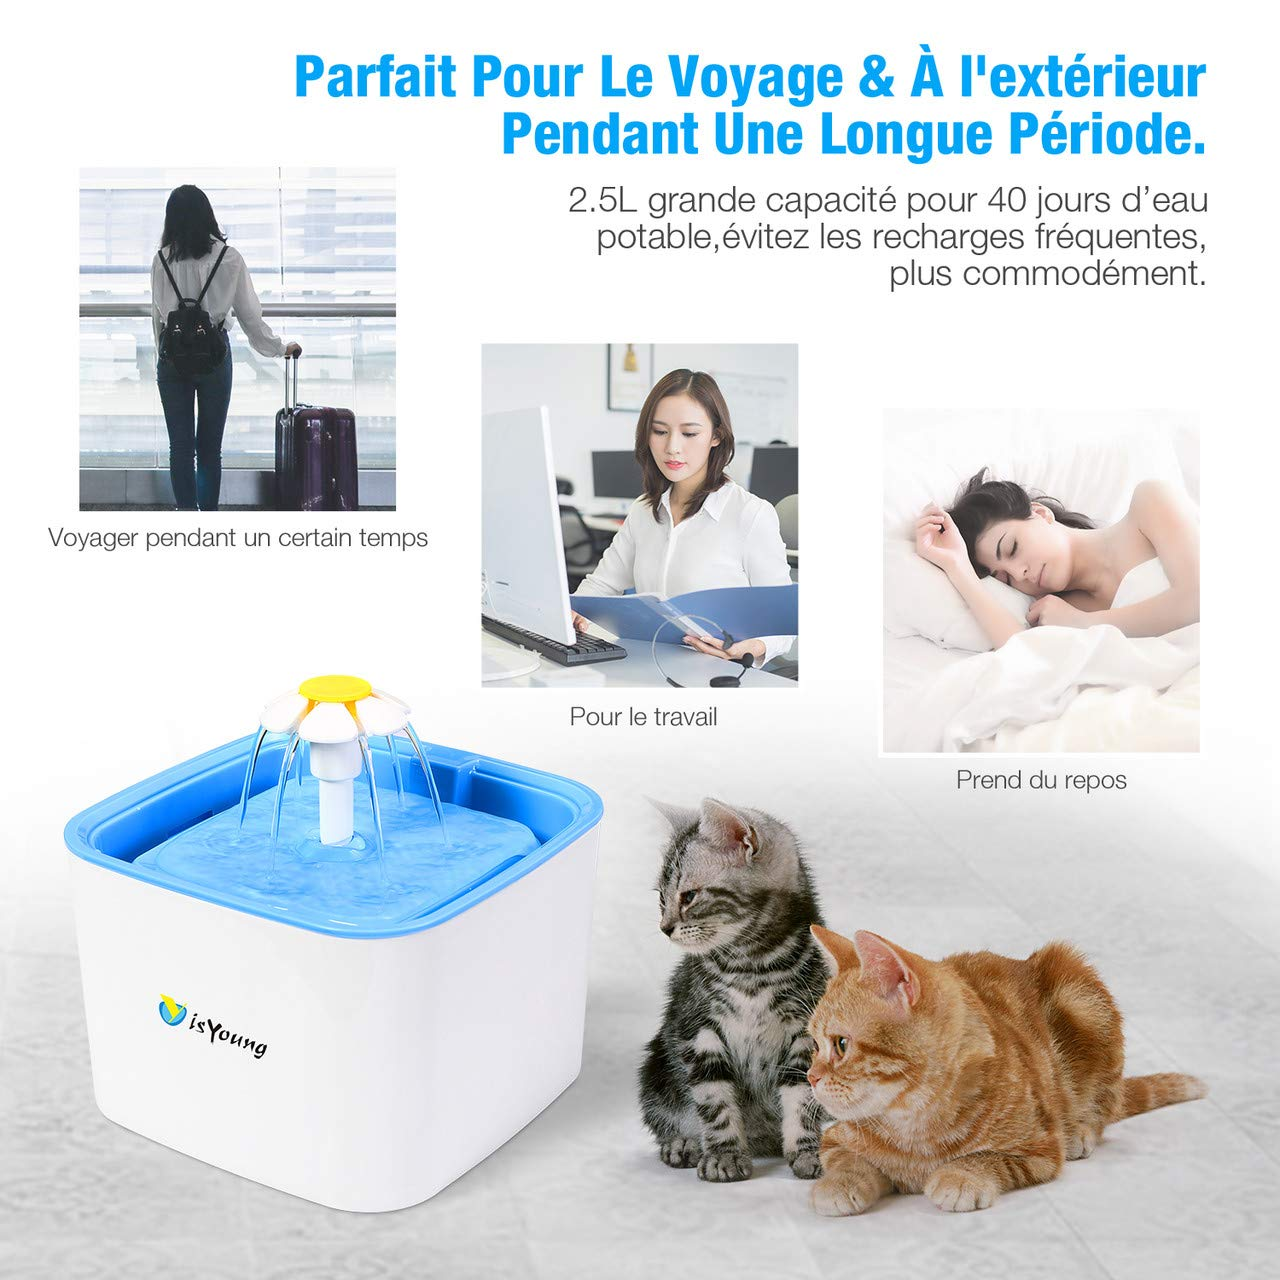 isYoung Fuente de Agua Fuente de Gato Beber de Flor eléctrico Animales Verde Pet Water Fountain Drinking Bowl: Amazon.es: Productos para mascotas